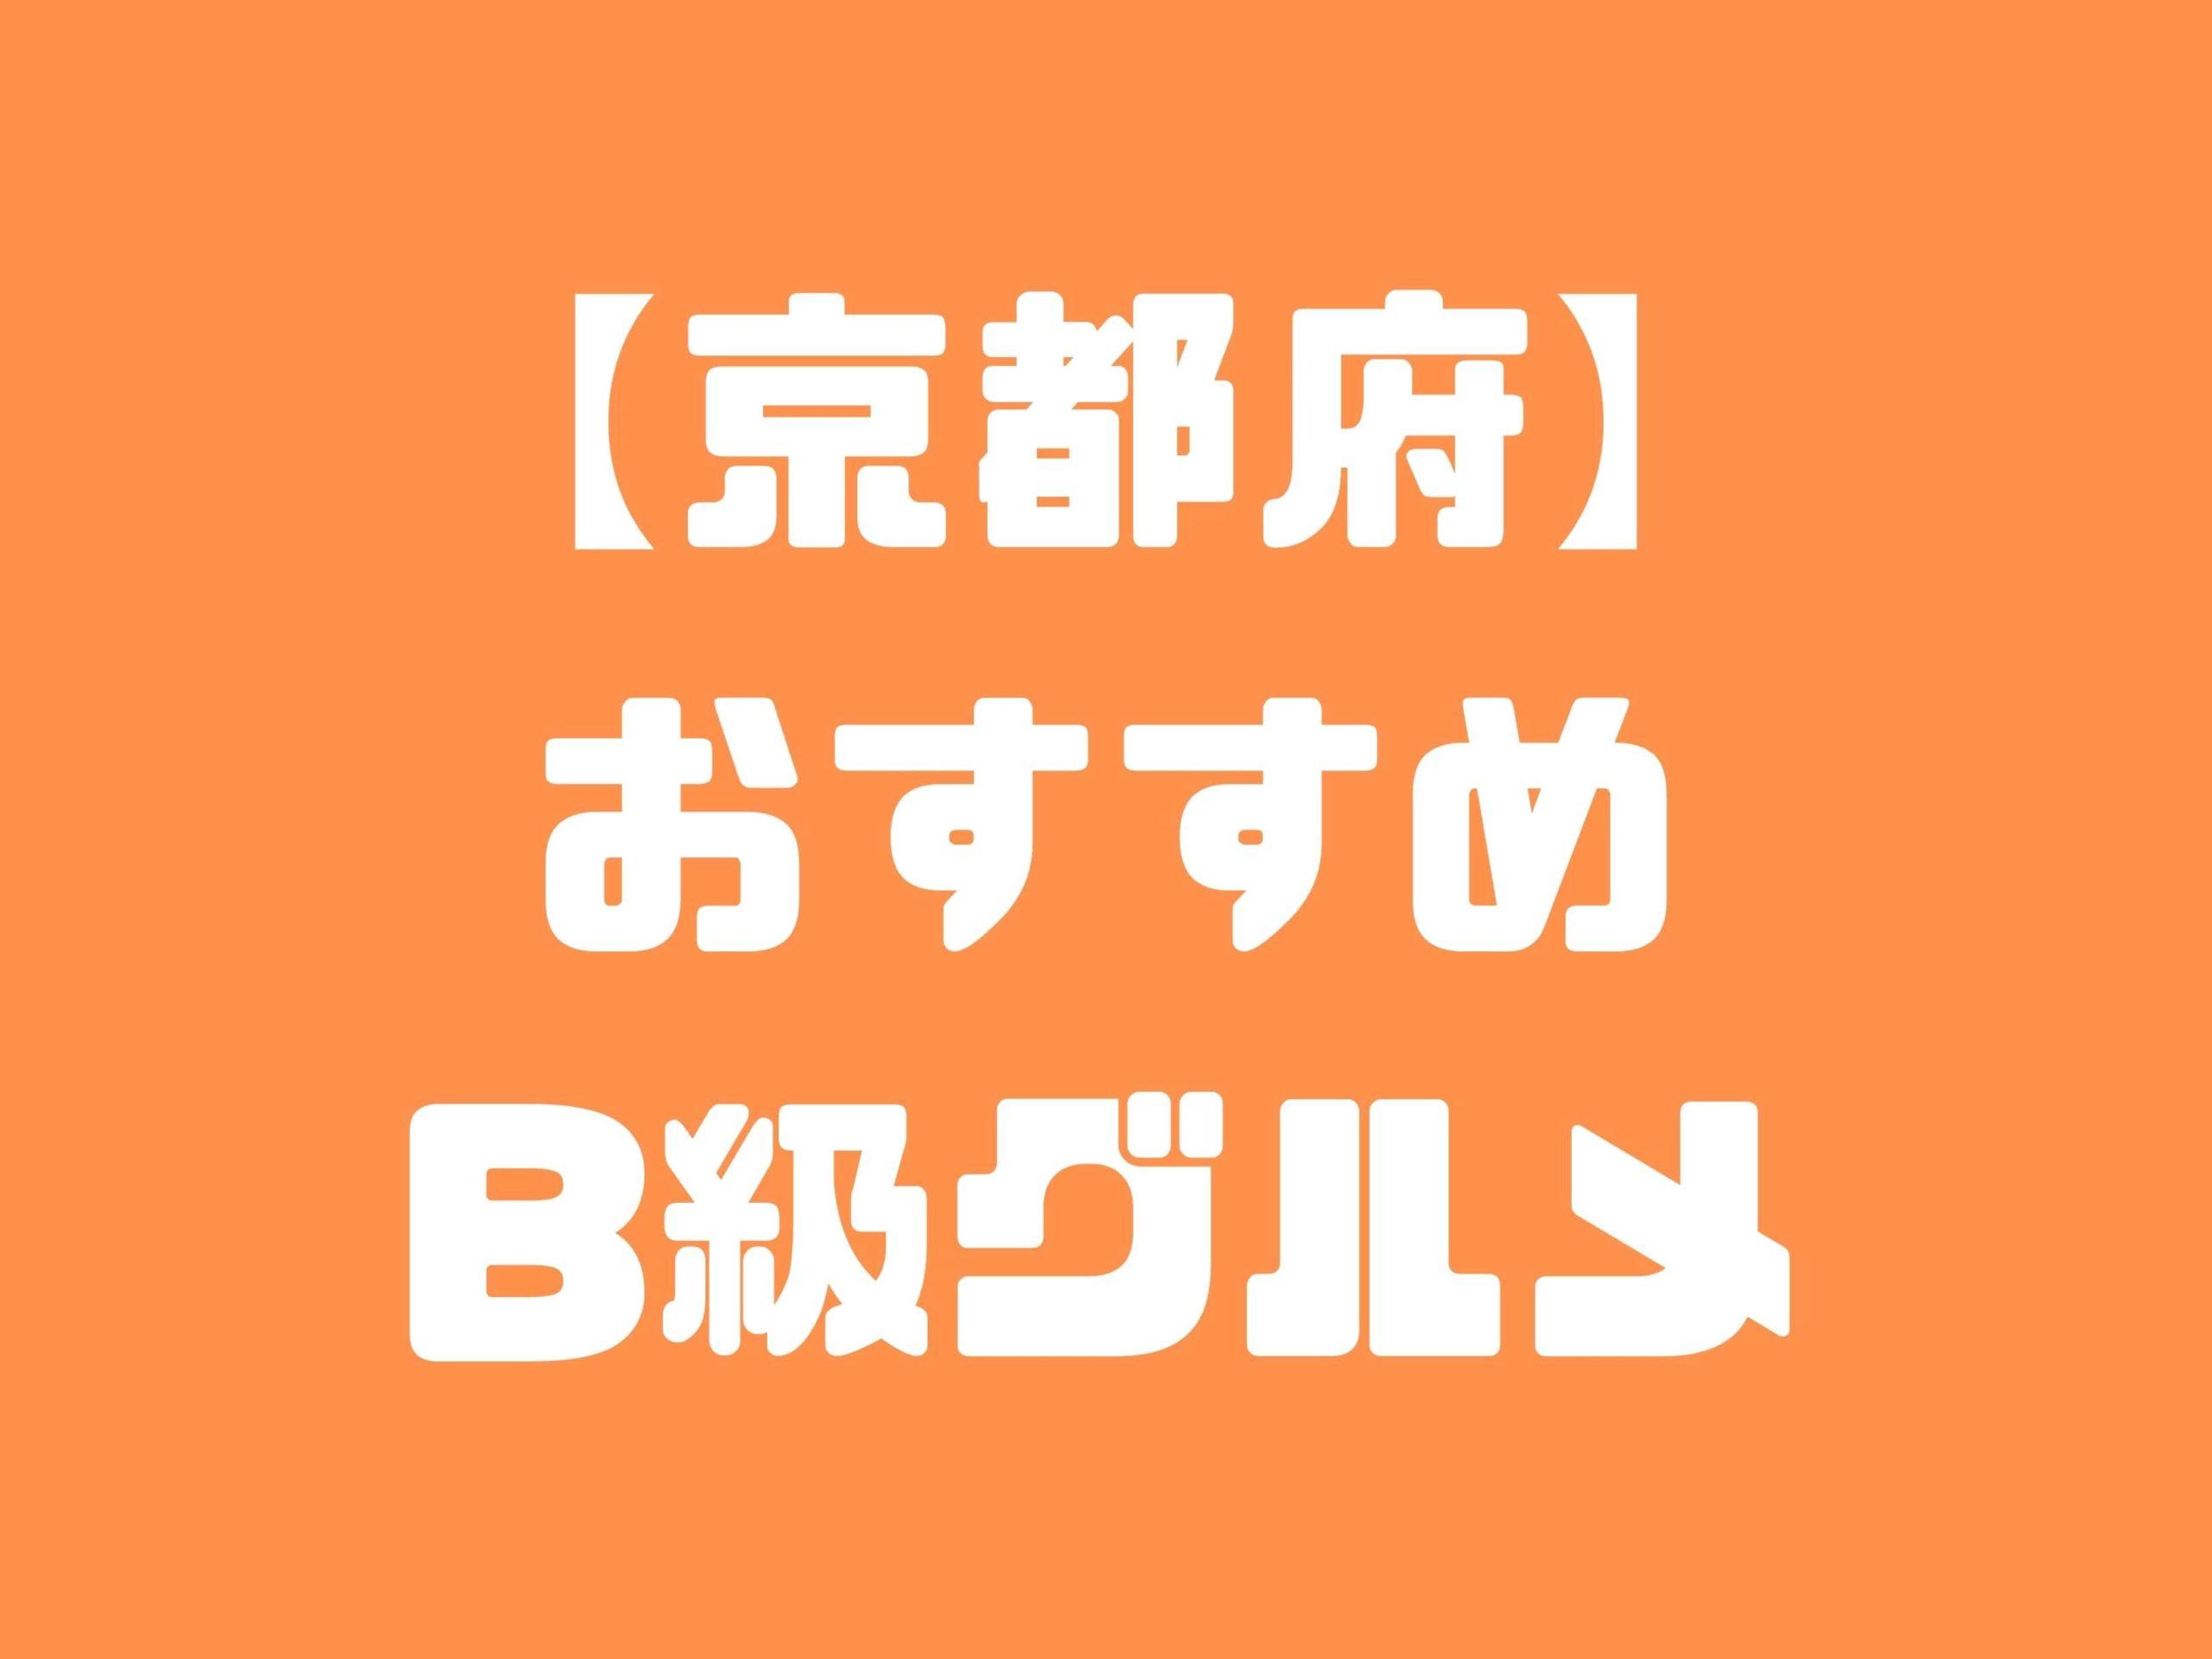 【京都府版】秘密のケンミンSHOWまとめ